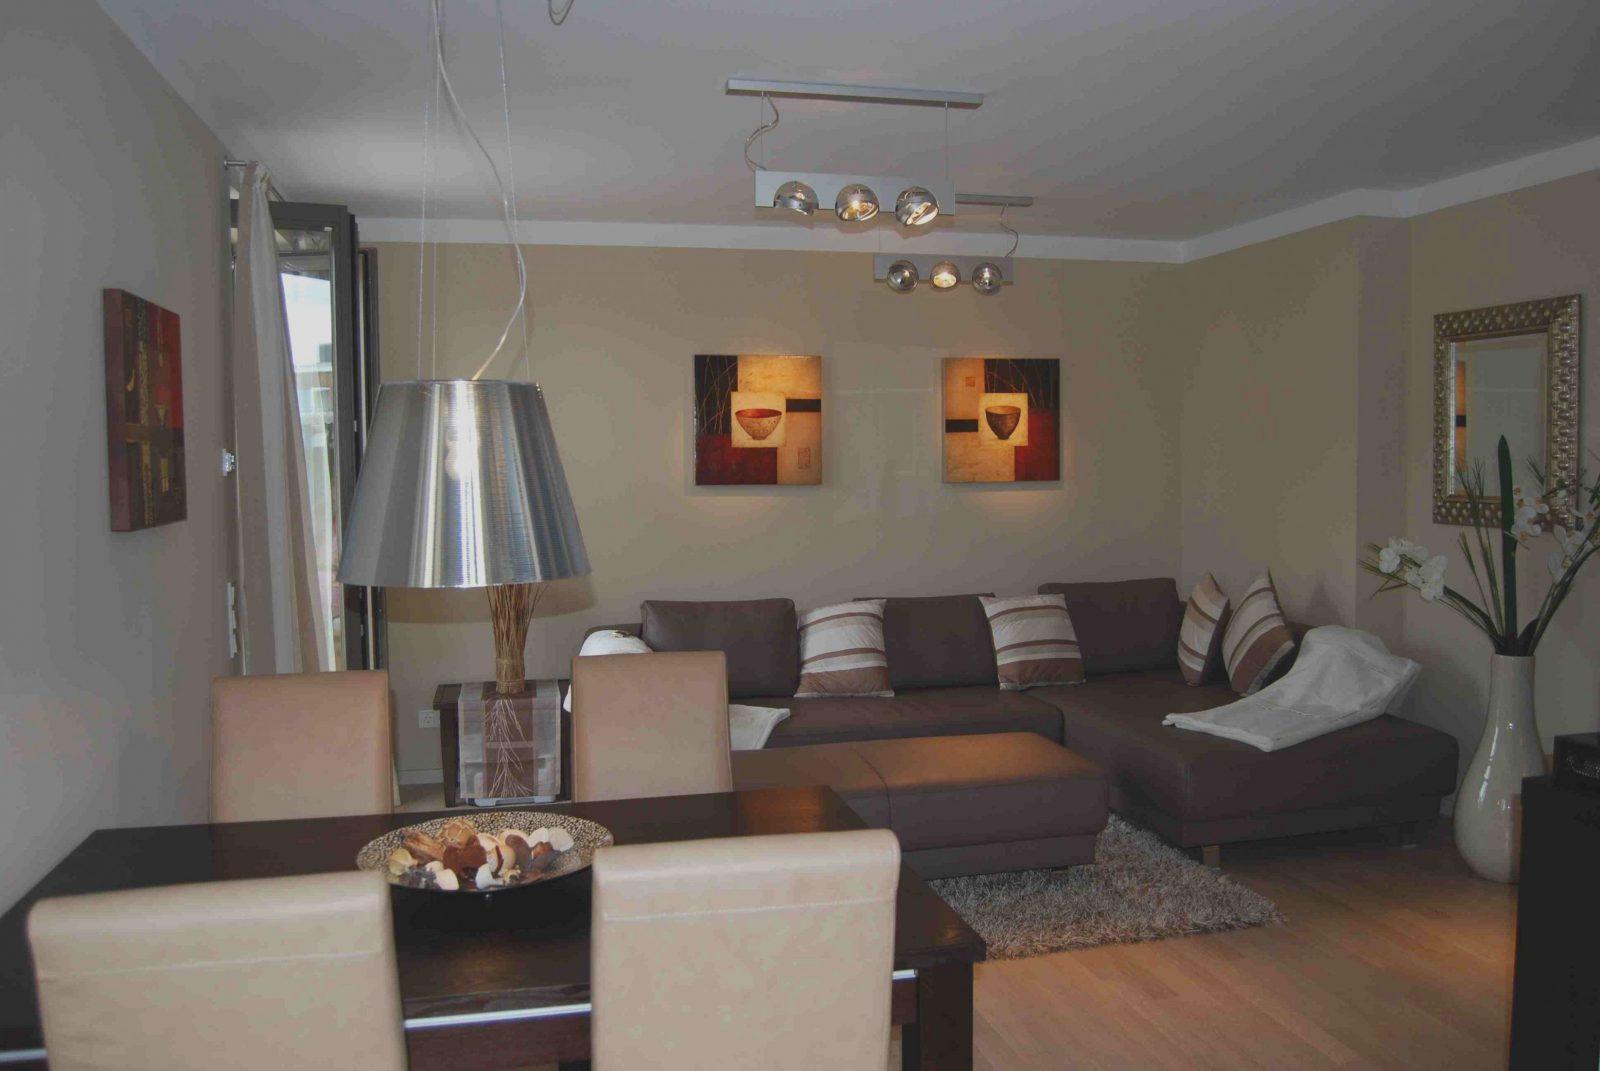 46 Kleines Wohnzimmer Mit Essbereich Einrichten  Awesome Home Gallery von Kleines Wohnzimmer Mit Esstisch Photo